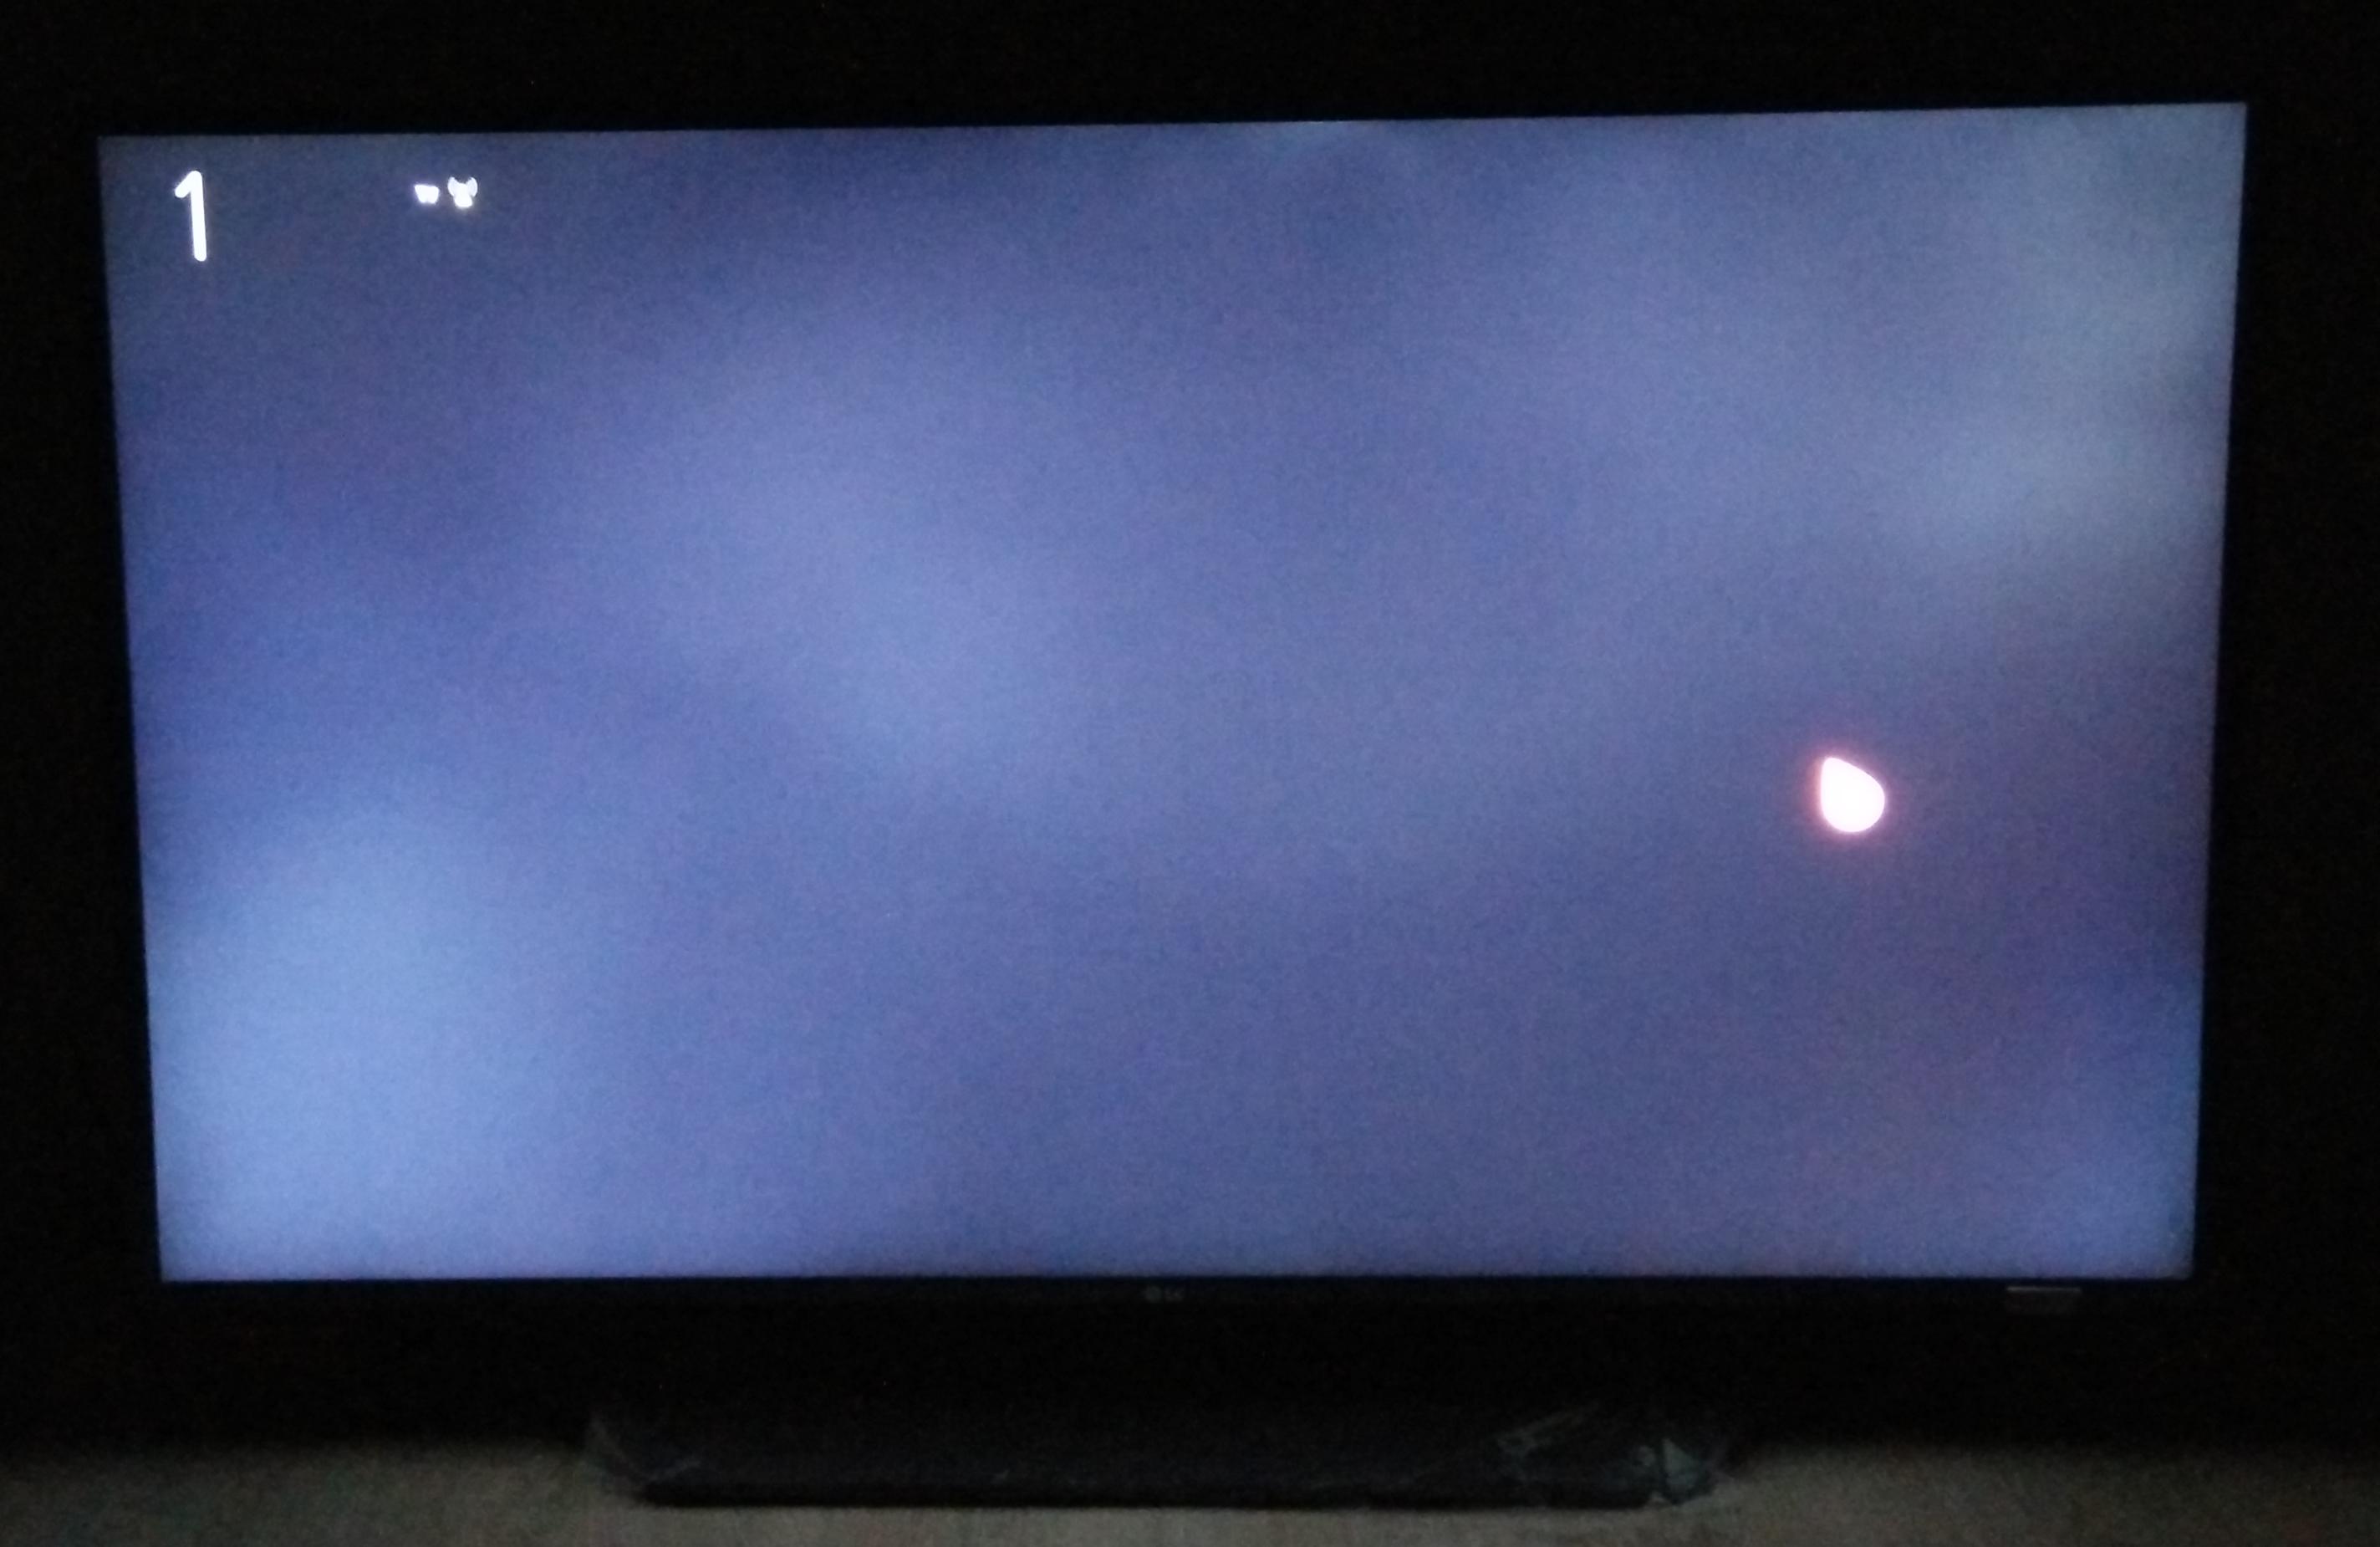 LG Советы и подсказки: LG webOS TV Справка по настройкам 54